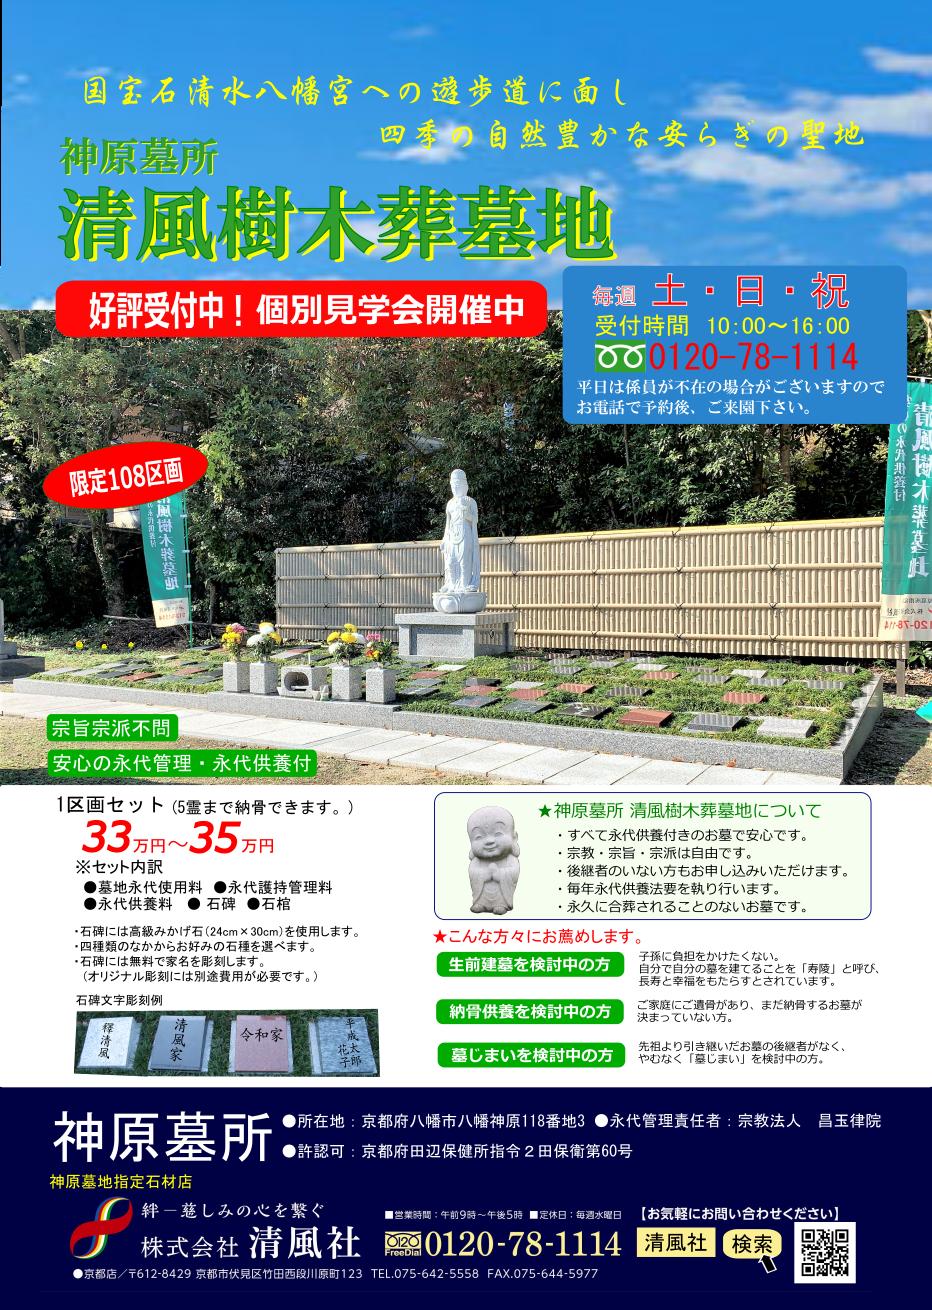 神原墓所-清風樹木葬-個別見学会0211~